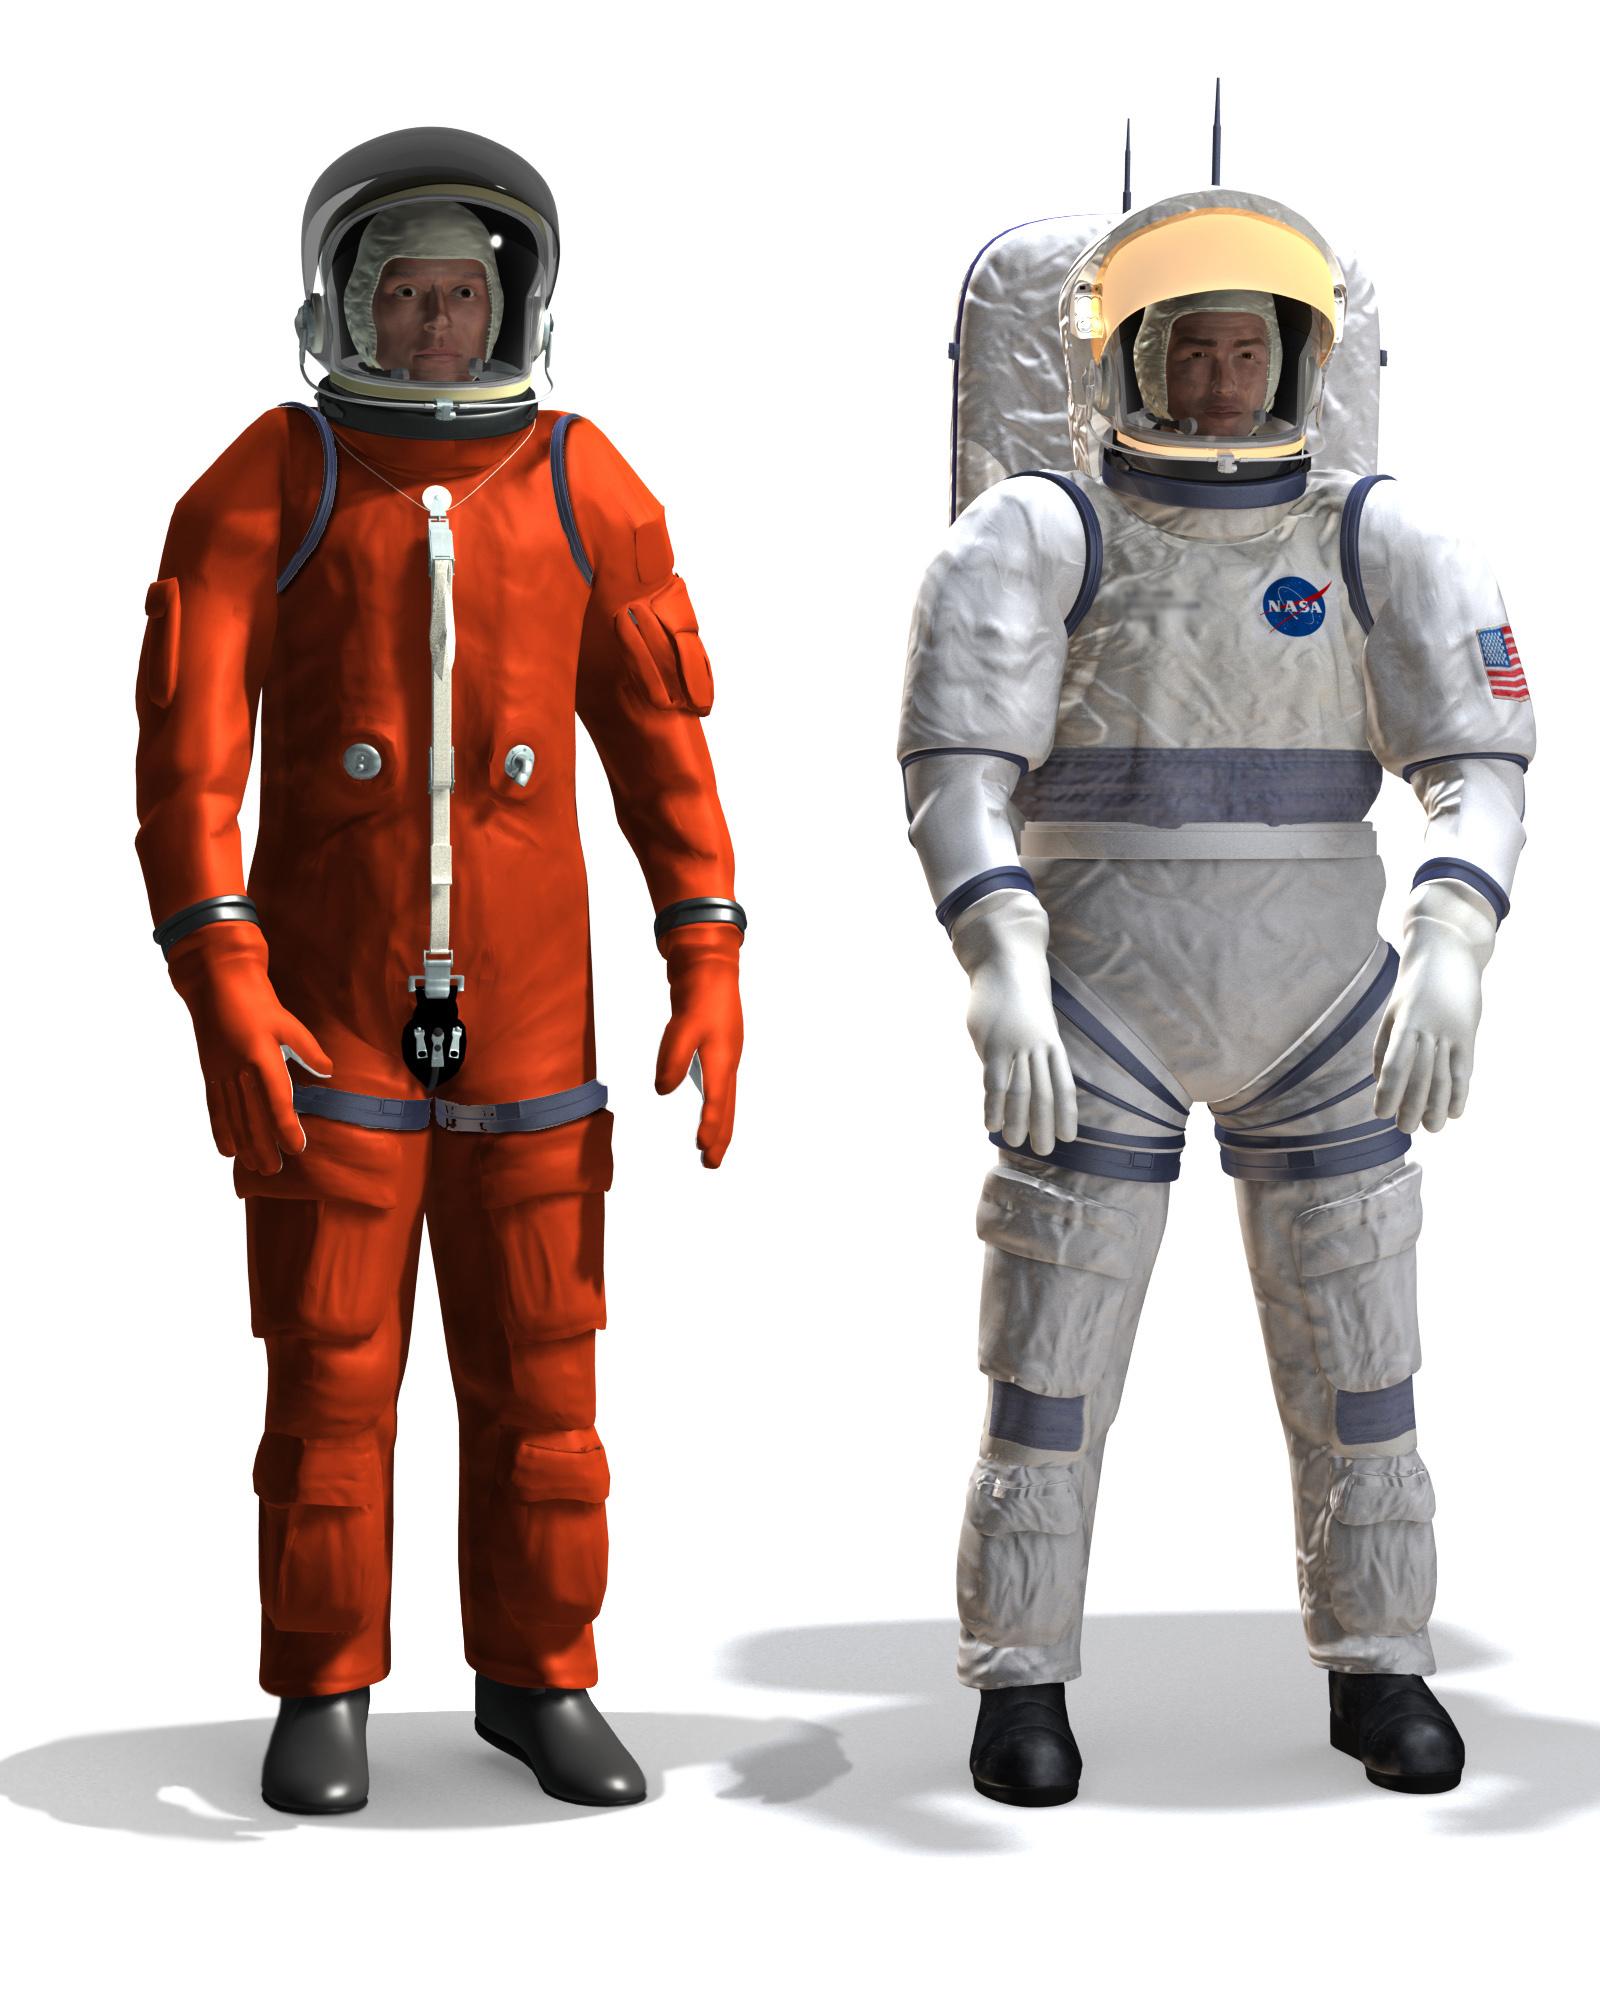 Future Spacesuit Concept